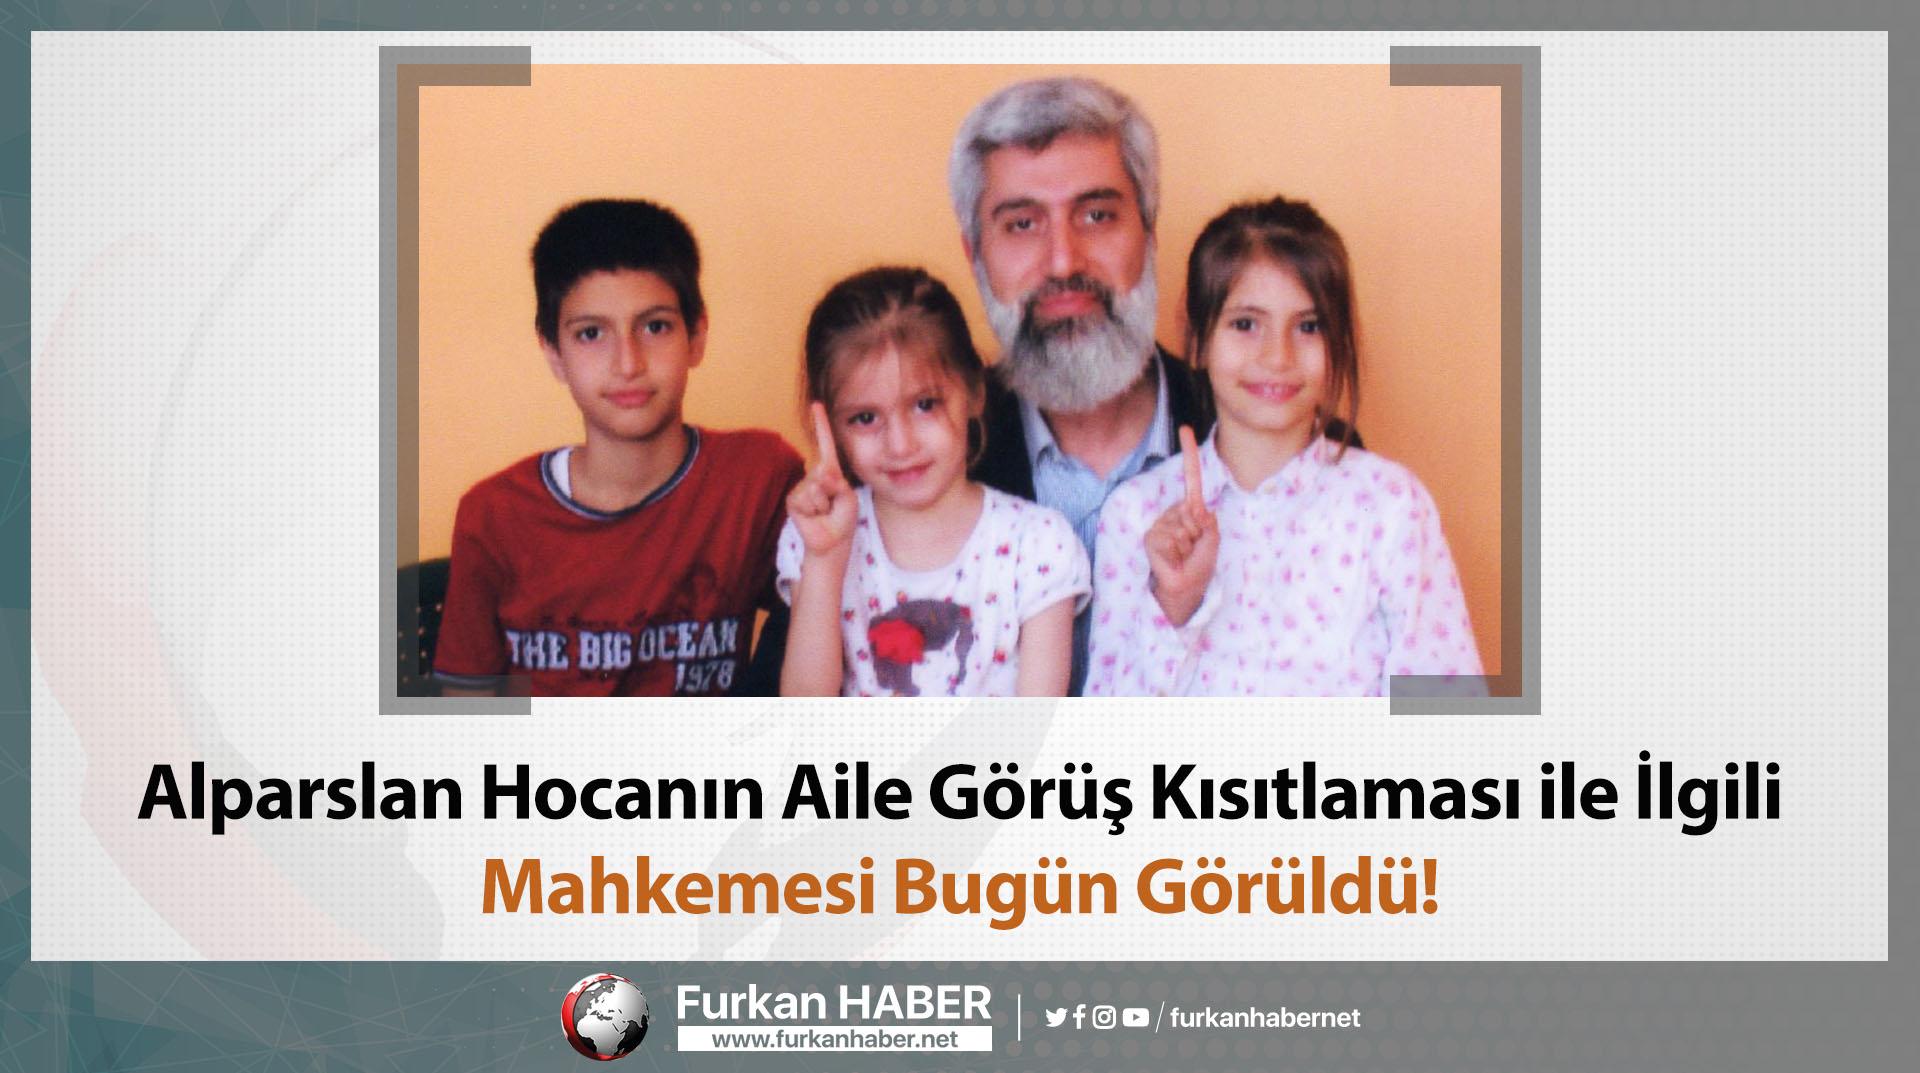 Alparslan Hocanın Aile Görüş Kısıtlaması ile İlgili Mahkemesi Bugün Görüldü!